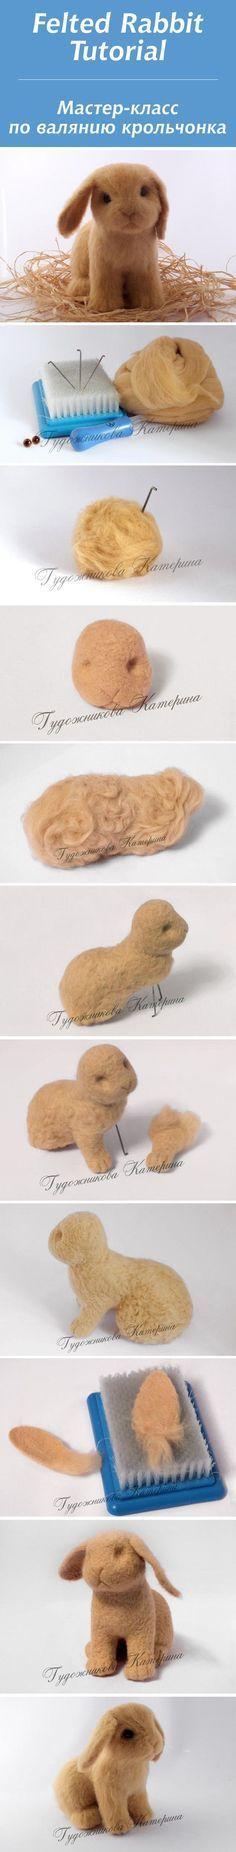 Мастер-класс по валянию крольчонка / Felted Rabbit Tutorial #felting #tutorial